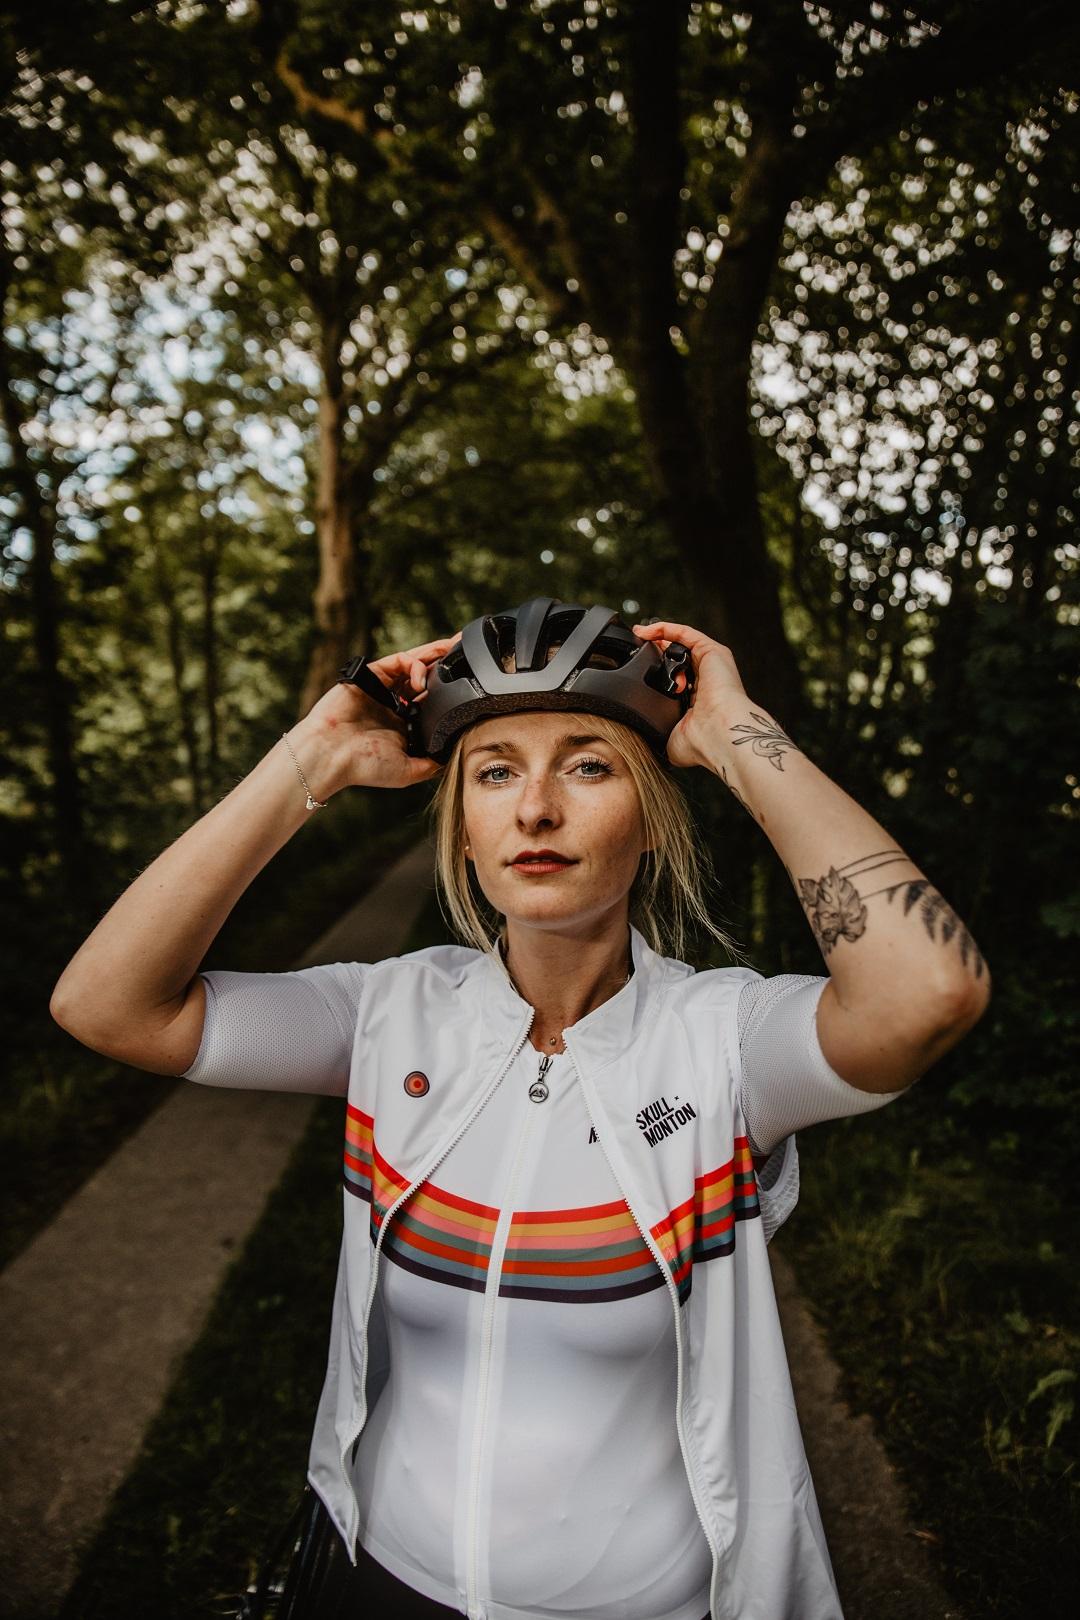 white cycling gilet